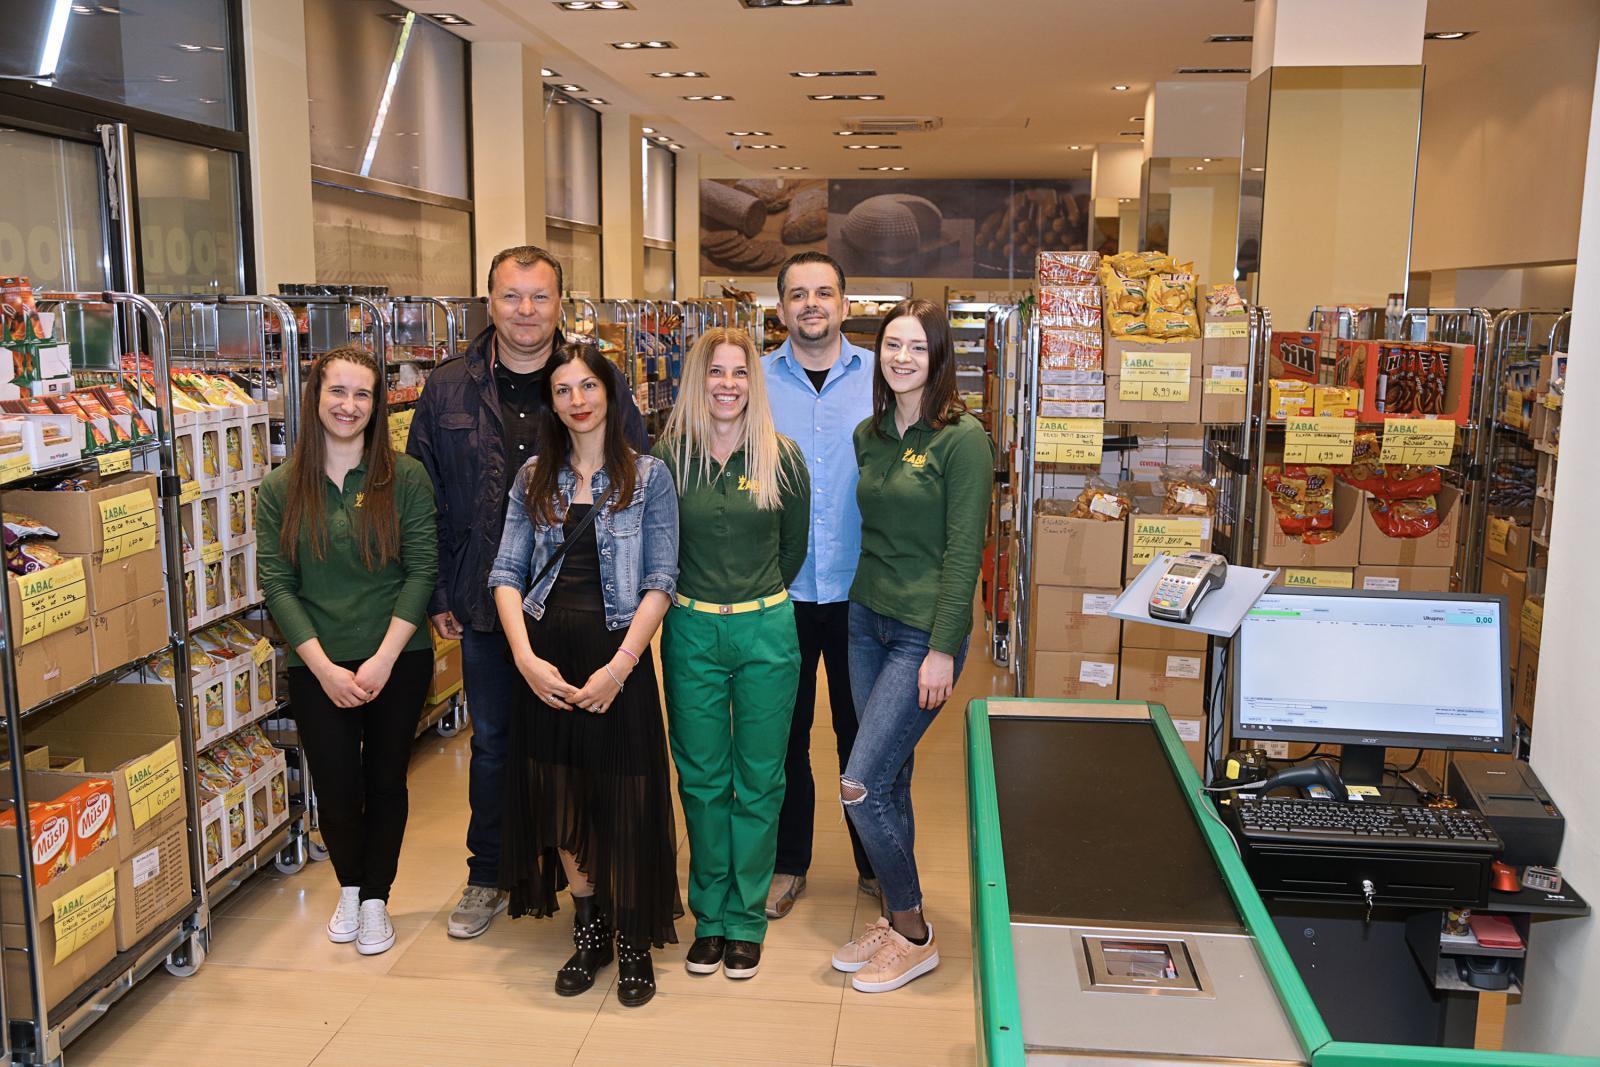 Osim što nude jeftinije proizvode pa uveseljavaju kupce, u Žabcu je do danas posao pronašlo 10 ljudi, a to veseli i zaposlenike.